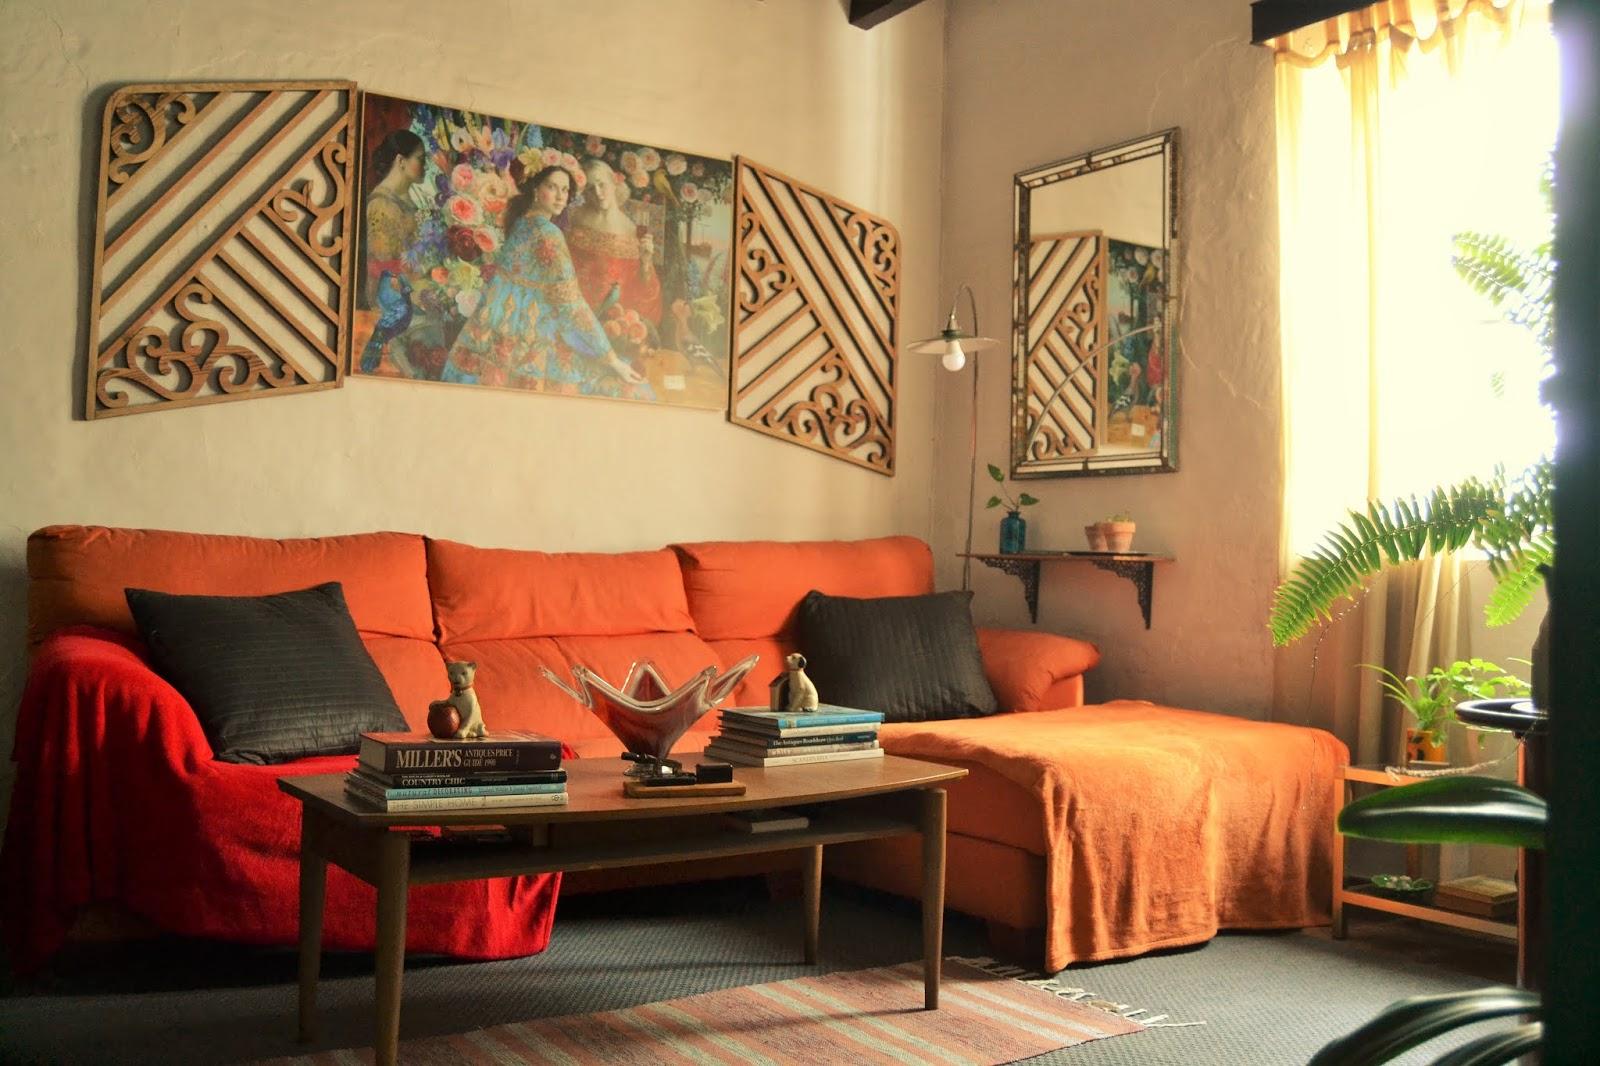 Decoración nueva en  mi sala de estar, gracias a un cuadro de Posterlounge me he animado a cambiar el aspecto de mi sala de estar que estaba un poco abandonada, un antes y después muy acogedor